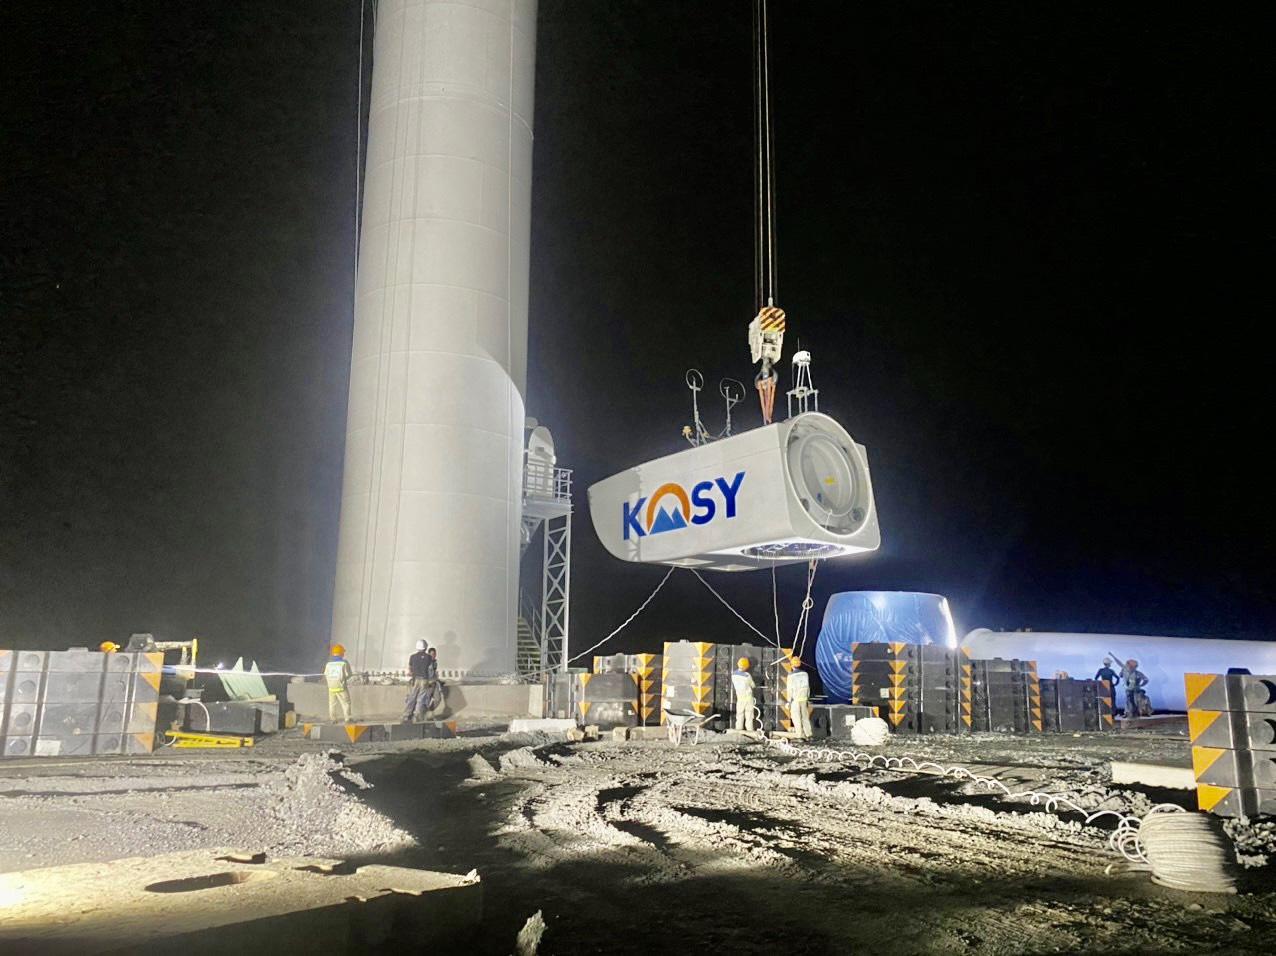 Công tác lắp turbine dự án được thực hiện ngày đêm.